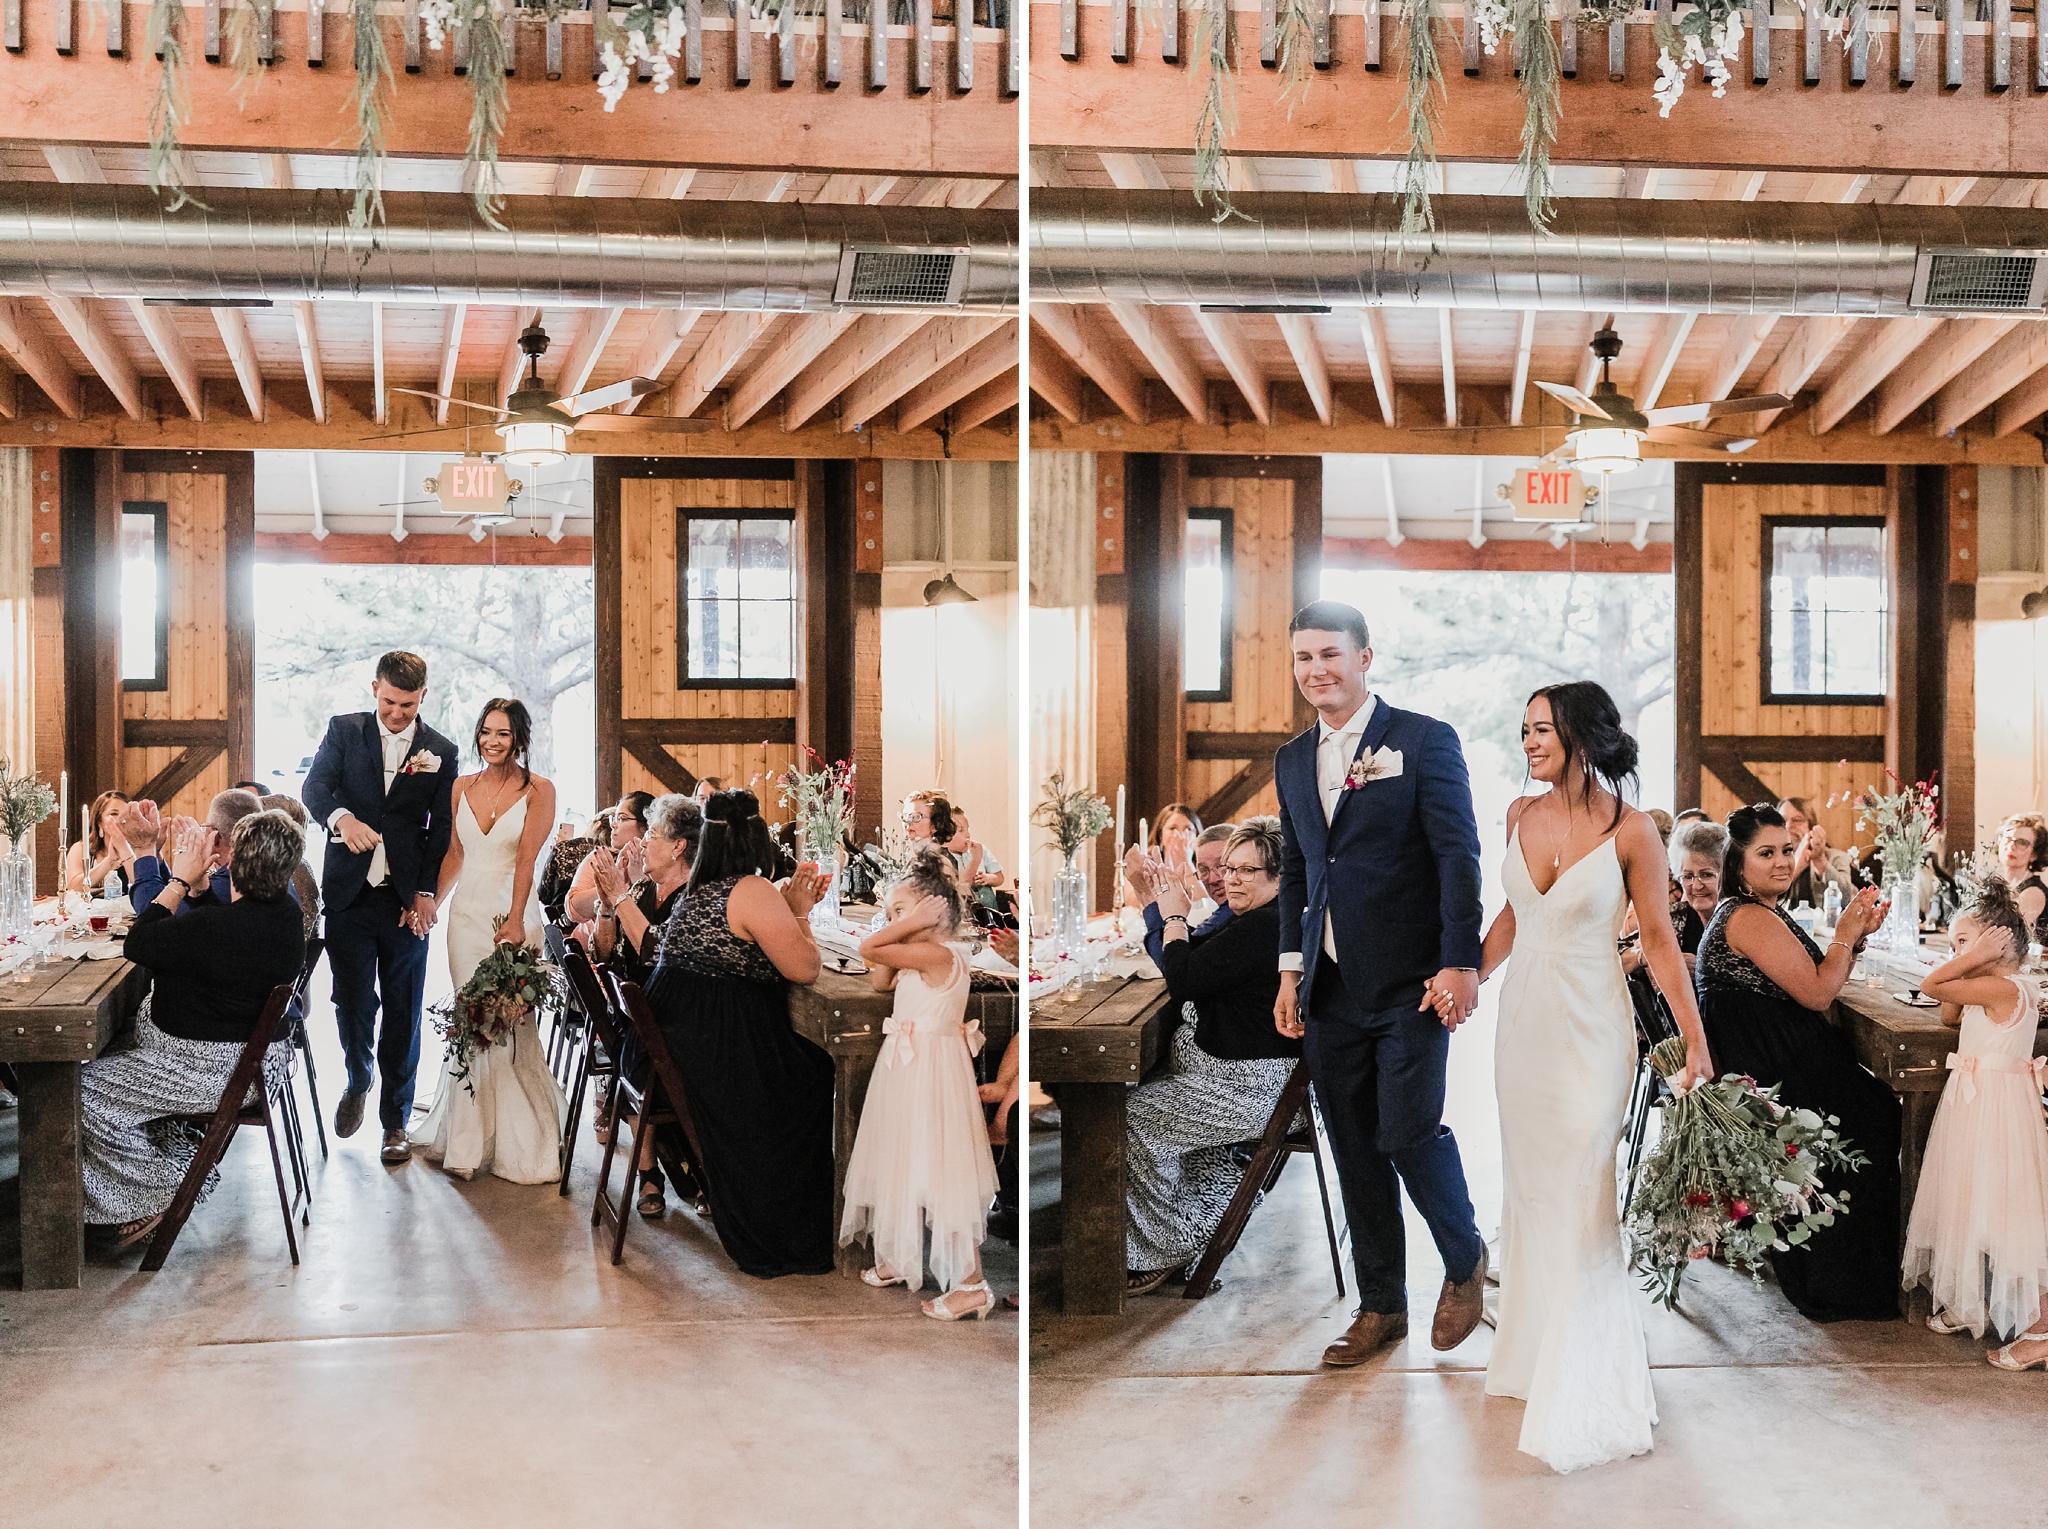 Alicia+lucia+photography+-+albuquerque+wedding+photographer+-+santa+fe+wedding+photography+-+new+mexico+wedding+photographer+-+new+mexico+wedding+-+new+mexico+wedding+-+barn+wedding+-+enchanted+vine+barn+wedding+-+ruidoso+wedding_0148.jpg